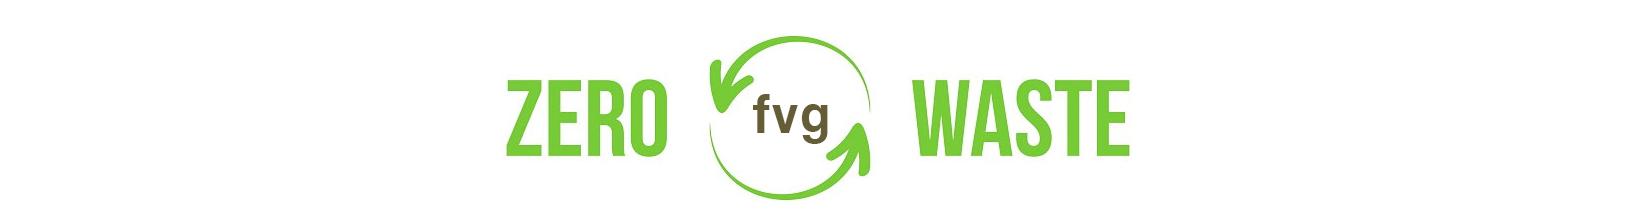 Zero Waste FVG